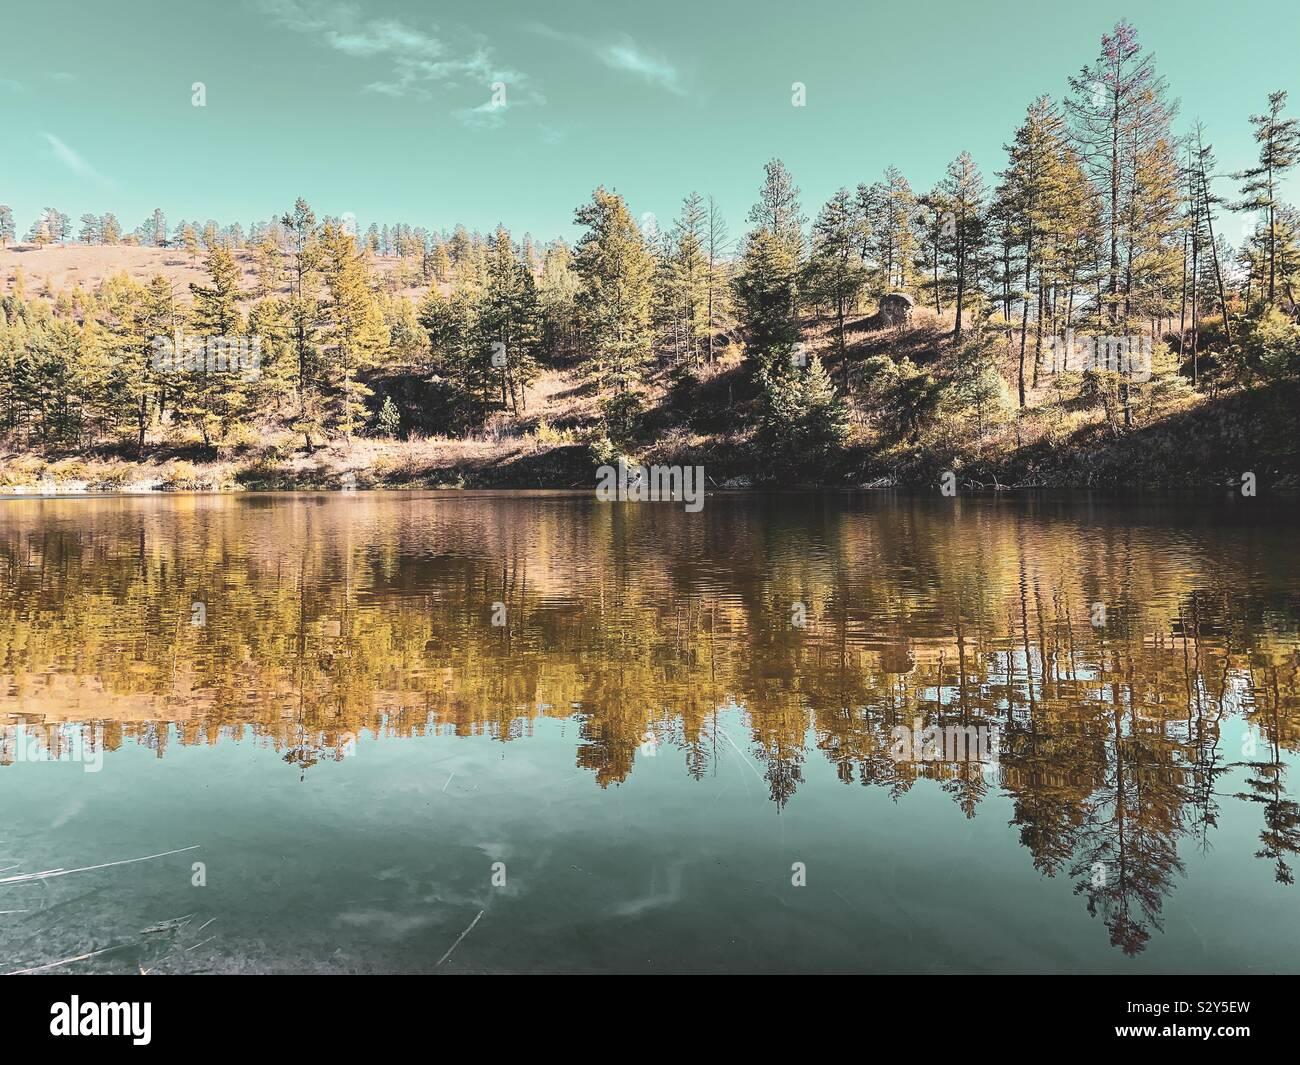 Paisaje otoñal con árboles y cielo reflejando en el lago. Foto de stock